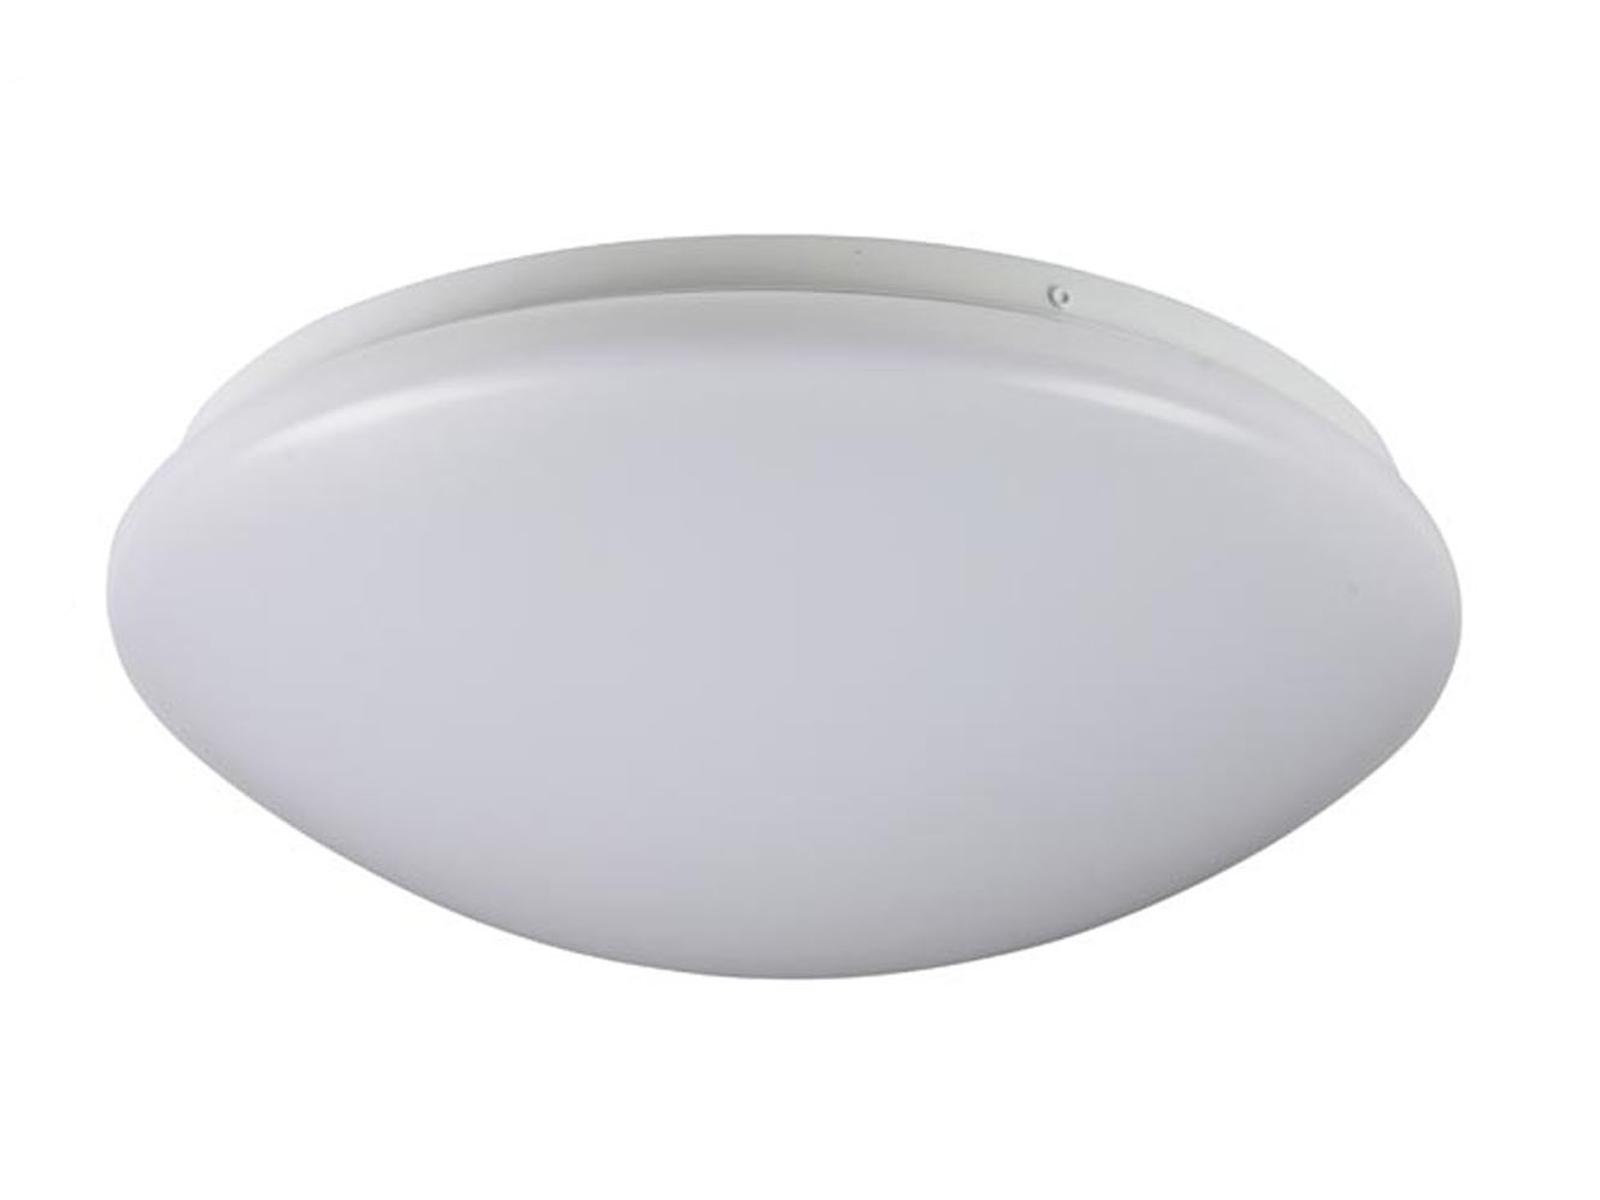 led deckenleuchte rund deckenlampe wei 38 5cm deckenbeleuchtung flur diele kaufen bei. Black Bedroom Furniture Sets. Home Design Ideas